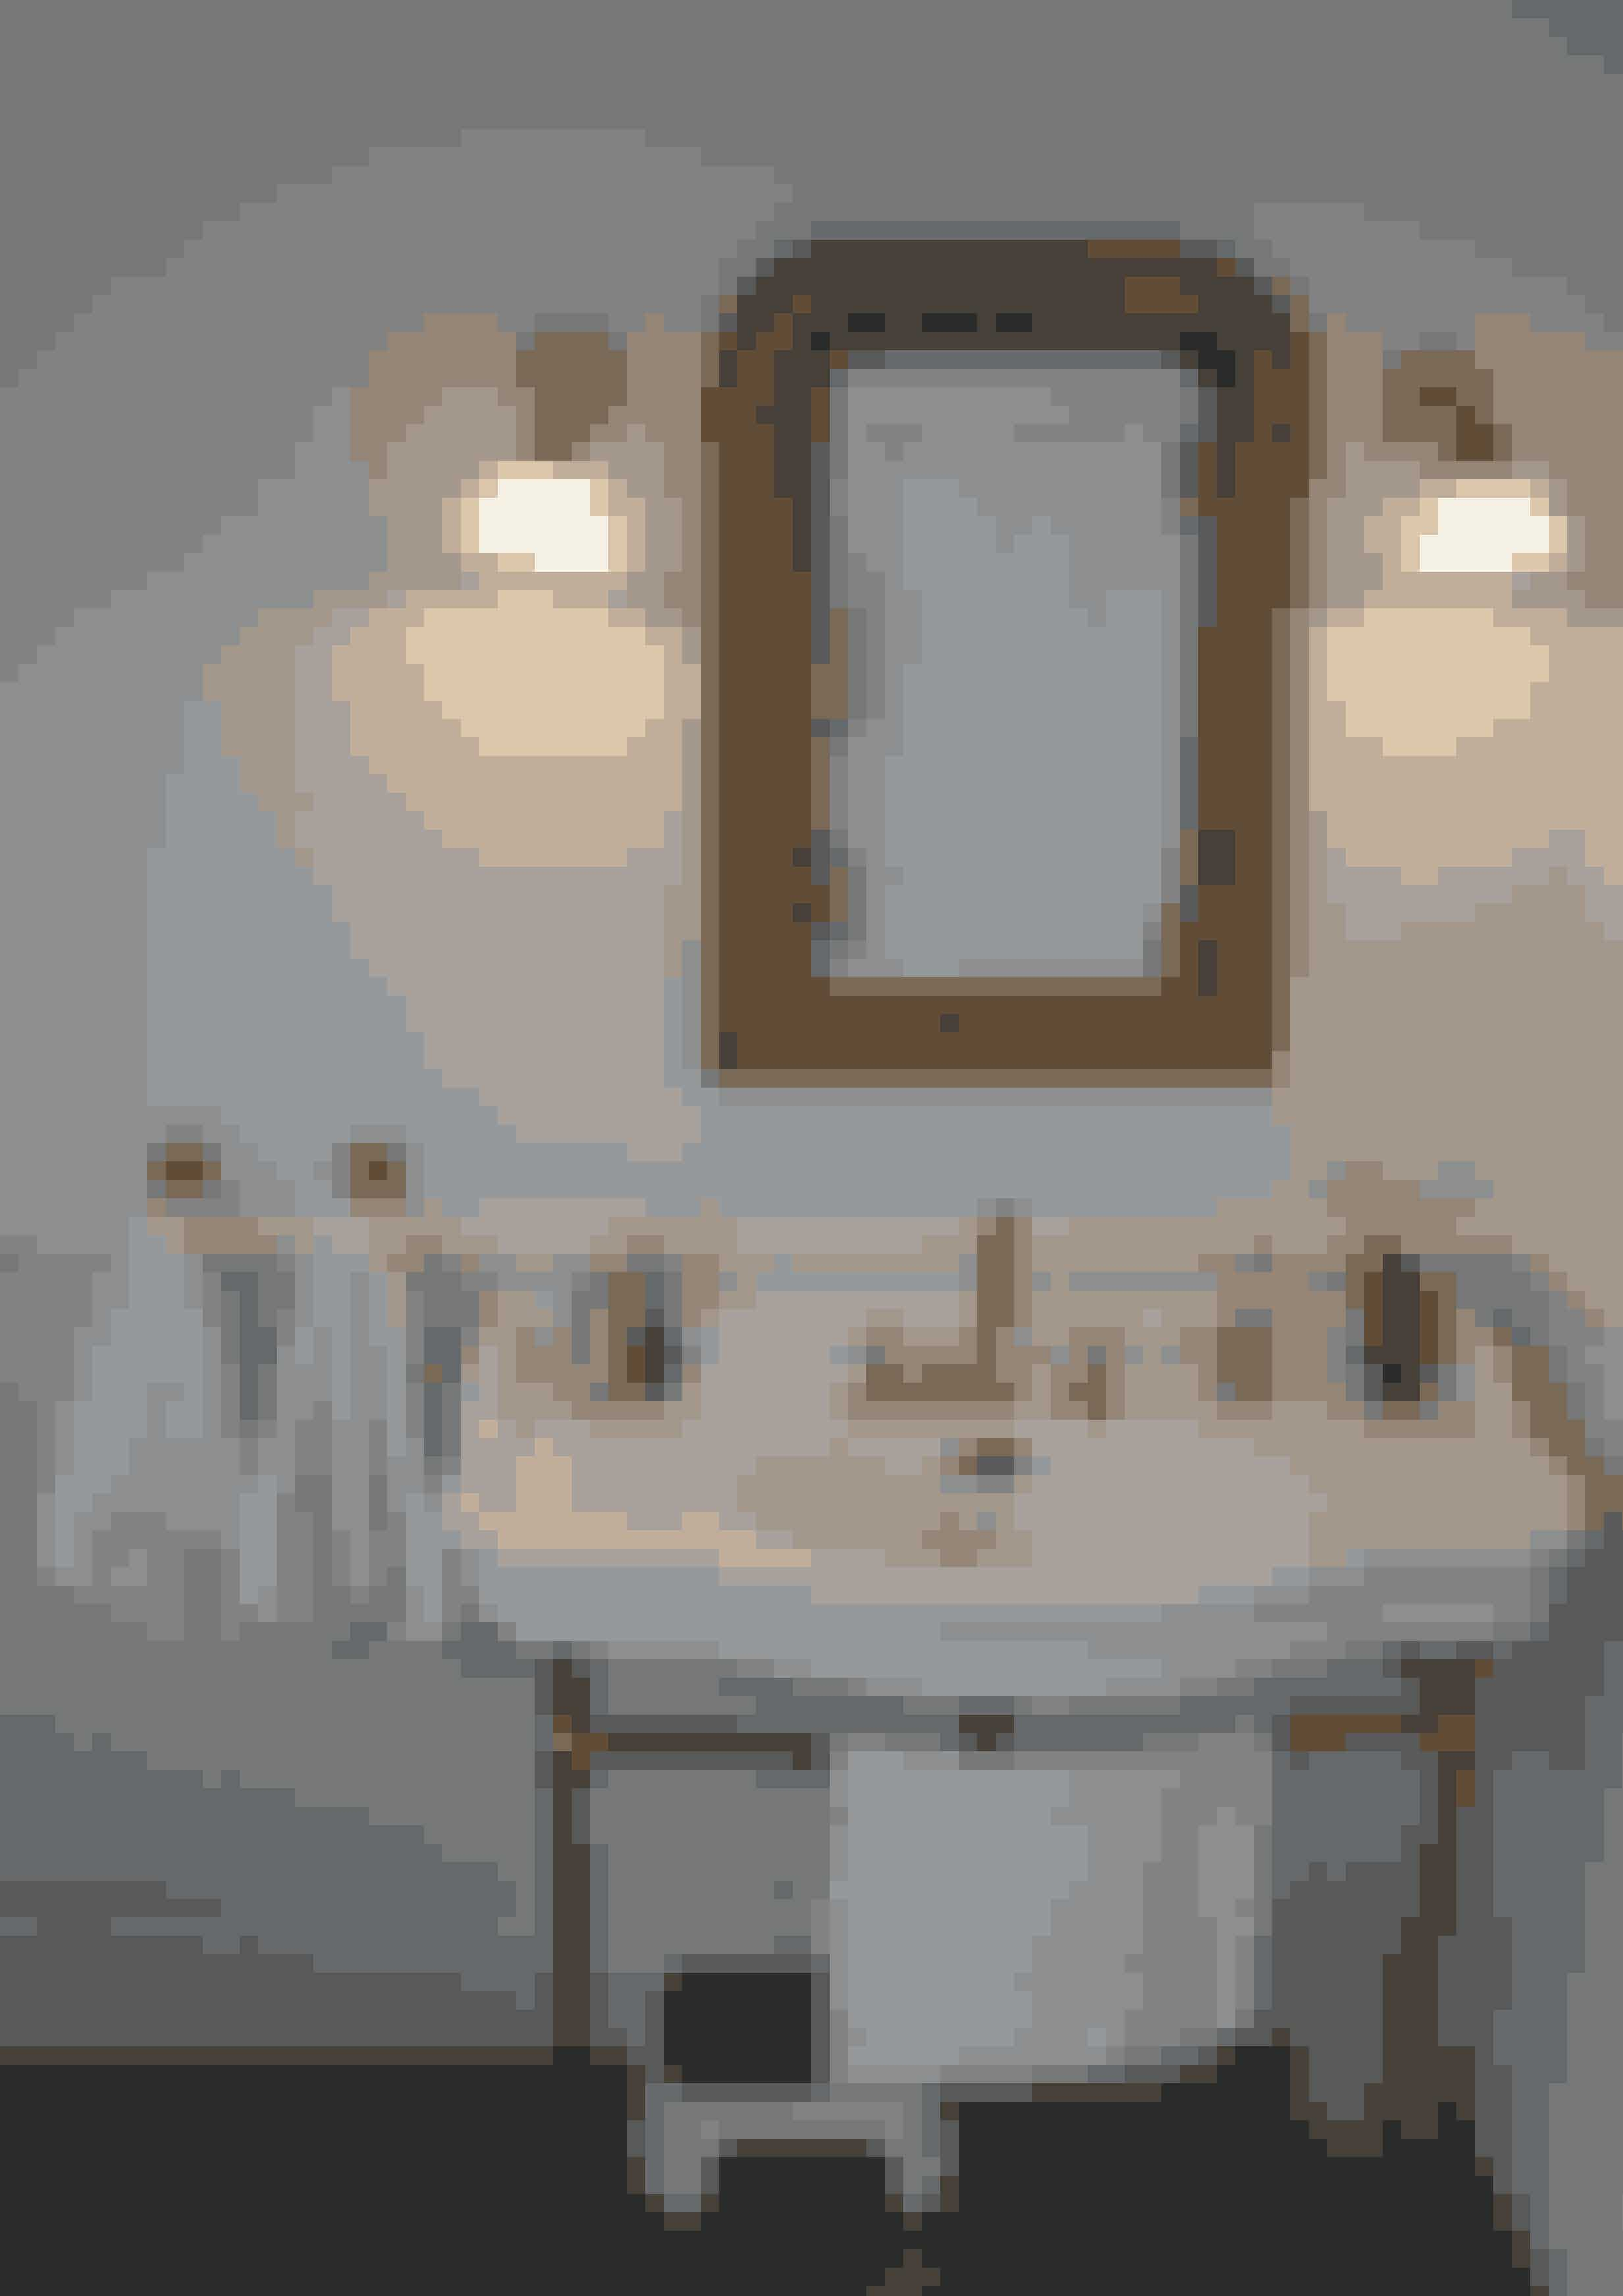 Stilen i dette badeværelse er romantisk og fransk-inspireret. Håndvasken og håndklædeholderne i antik stil er fra Volevatch.  Foto: Ole Winther